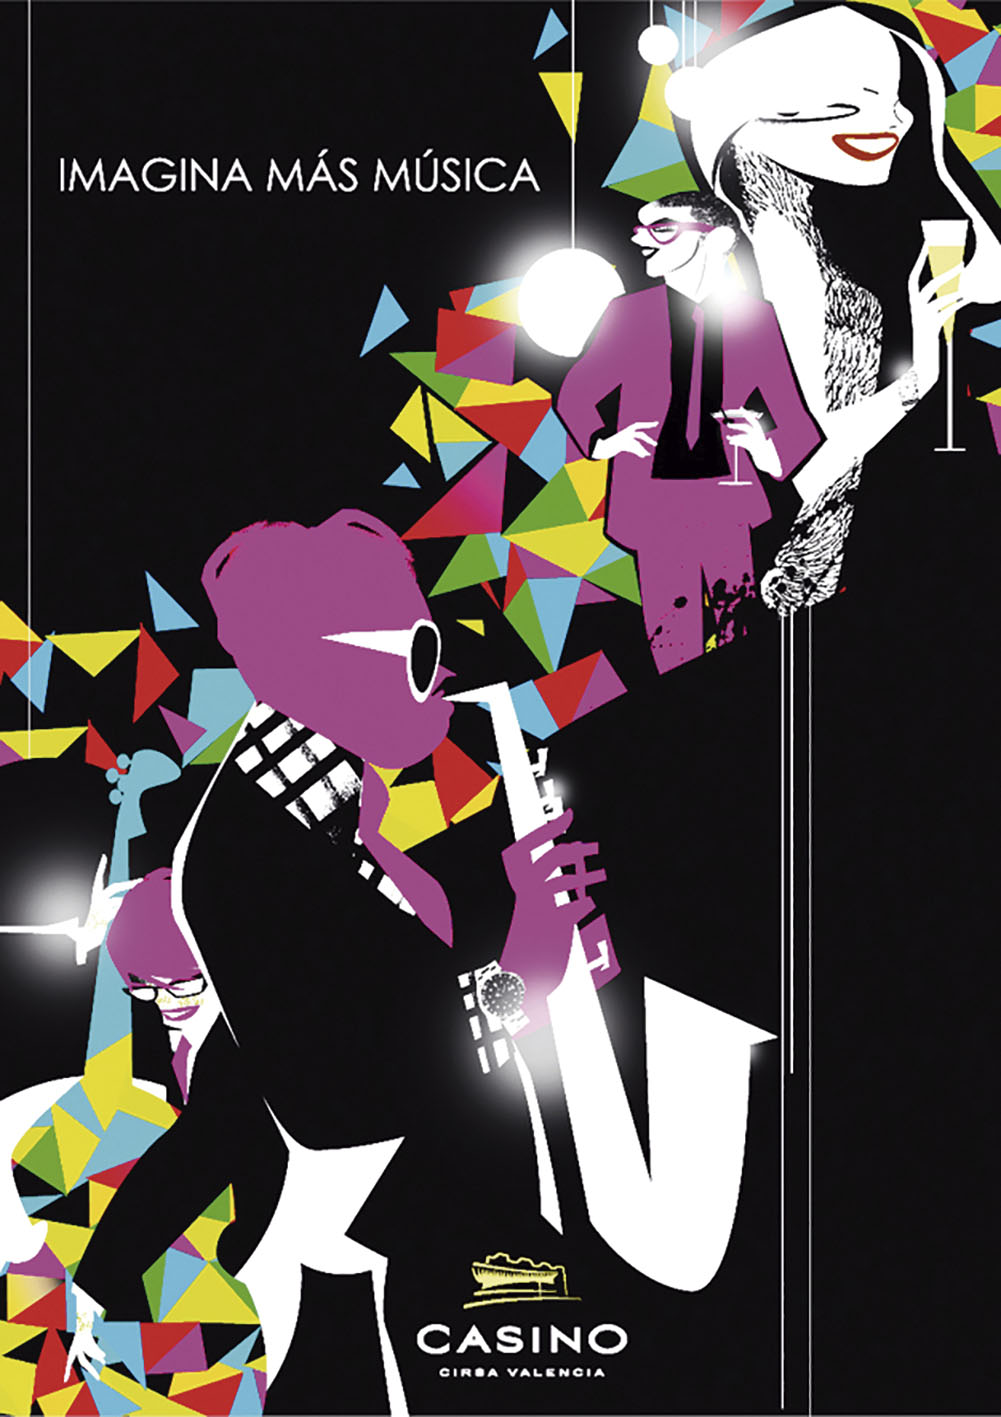 casino-music-mosaic.jpg